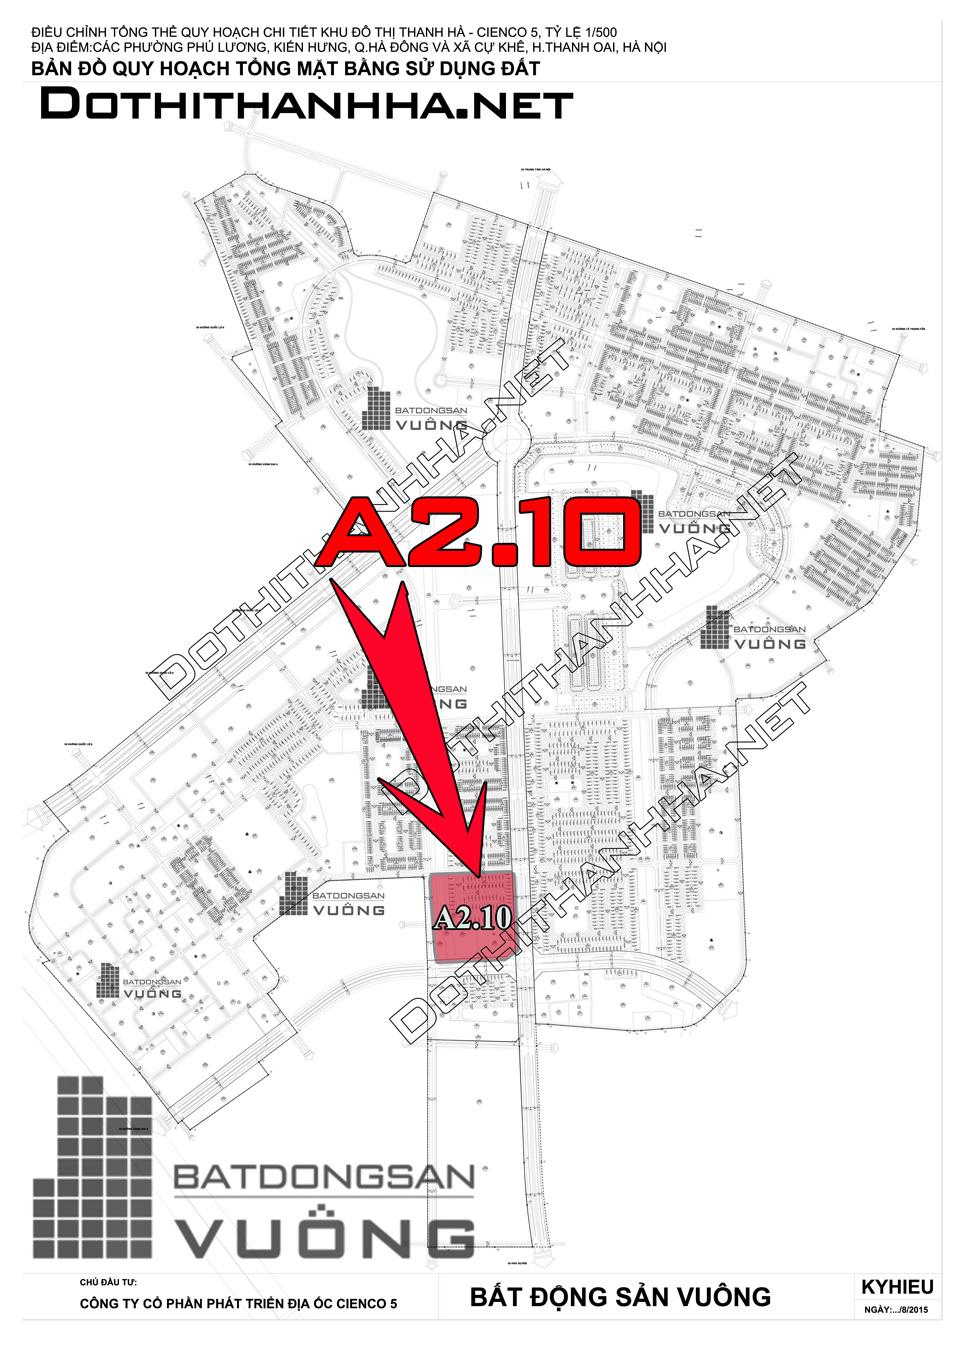 Bán Biệt thự phân khu A2.10 lô BT02, mặt đường 17m, nhà hướng Bắc, Khu Đô Thị Thanh Hà Cienco 5 - Mường Thanh [#H1487.1268]